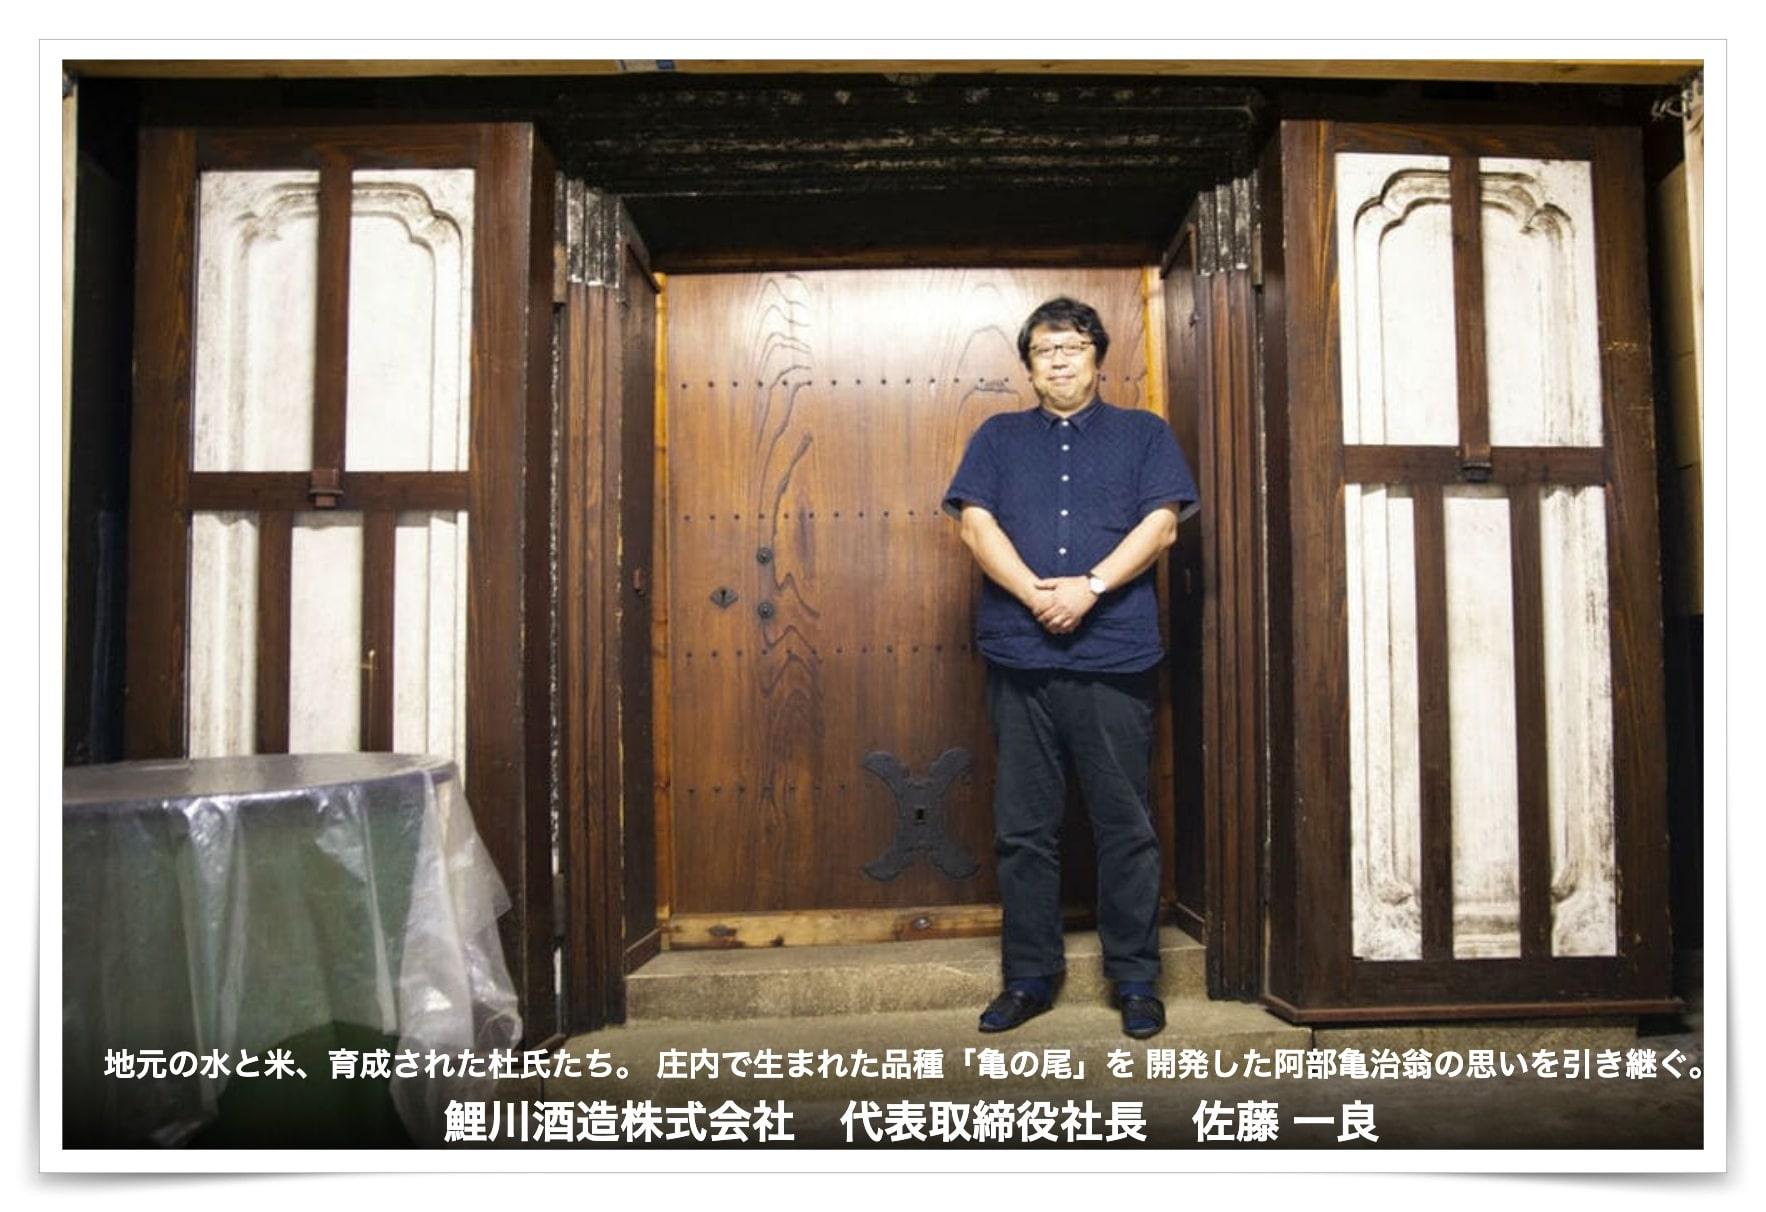 佐藤涼子りょんりょん、兄の画像